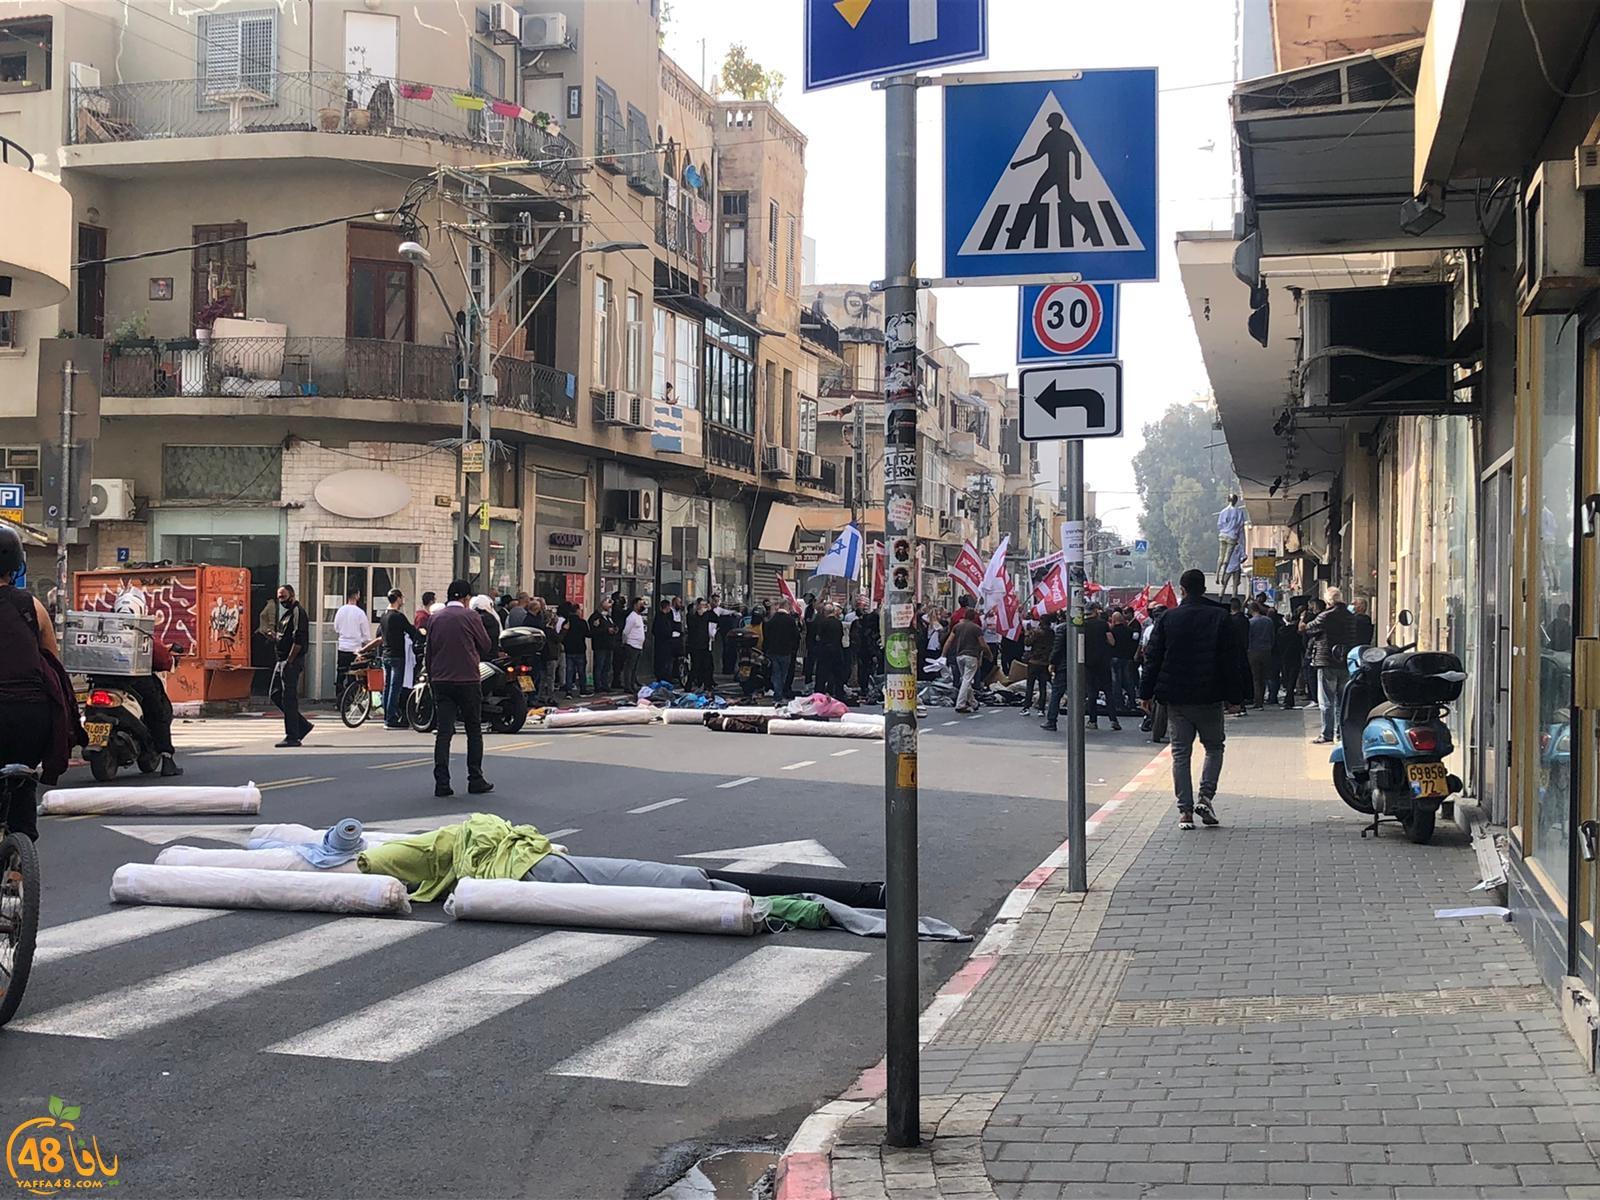 فيديو: تظاهرة غاضبة لأصحاب المحلات التجارية في يافا رفضاً للاغلاق